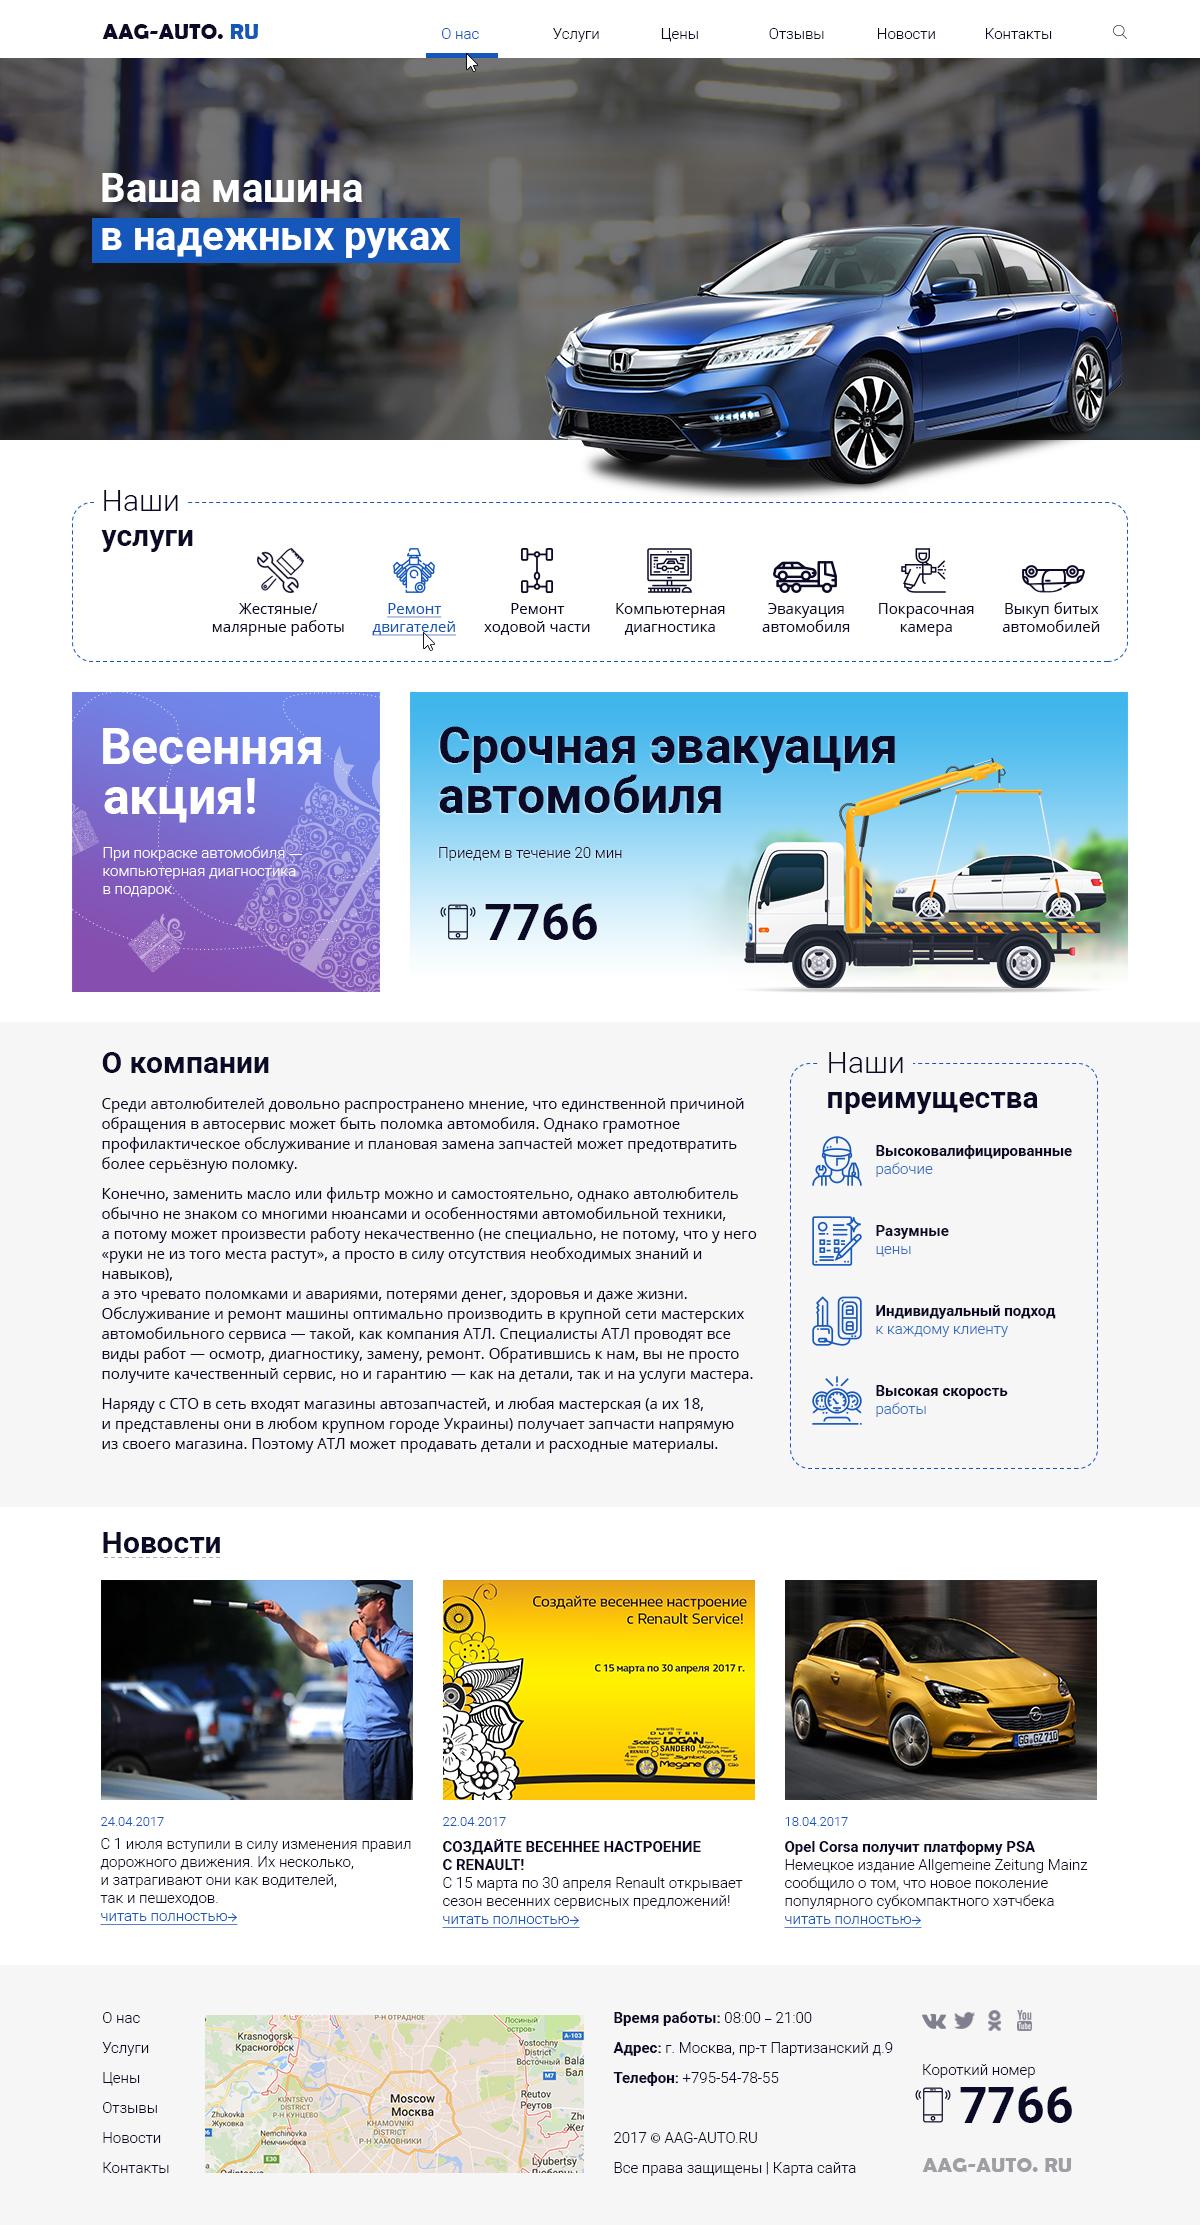 Дизайн сайта автосервиса фото f_09359085dd47f461.jpg